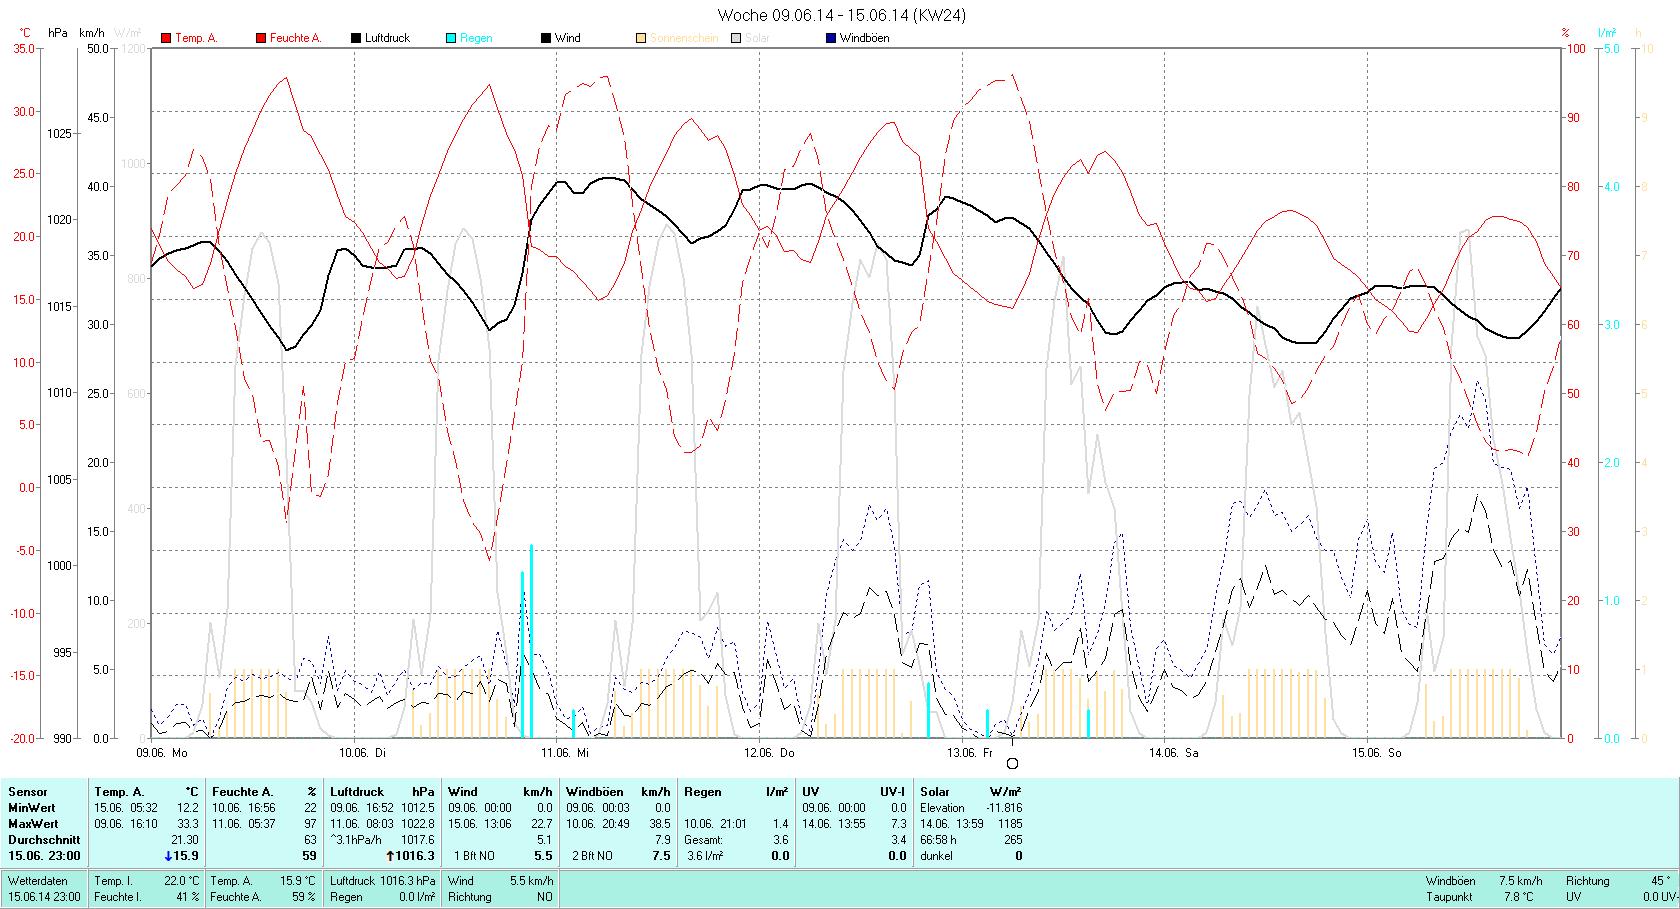 KW 24 Tmin 12.2°C, Tmax 33.3°C, Sonne 66:58h, Niederschlag 3.6mm/2